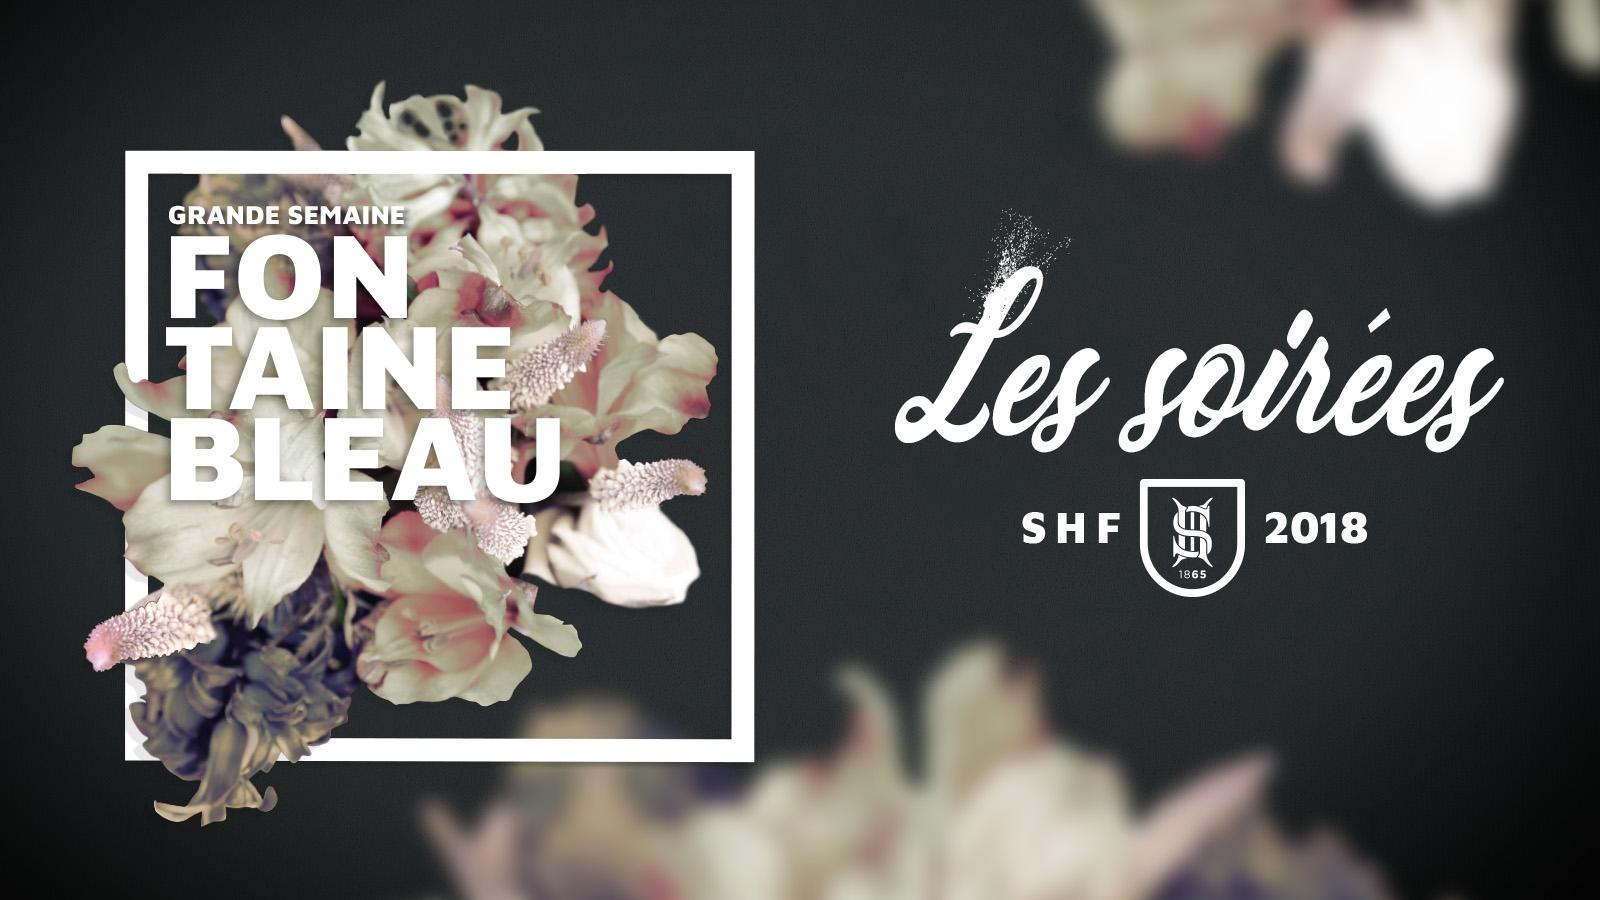 Grande Semaine de Fontainebleau : Les soirées 2018